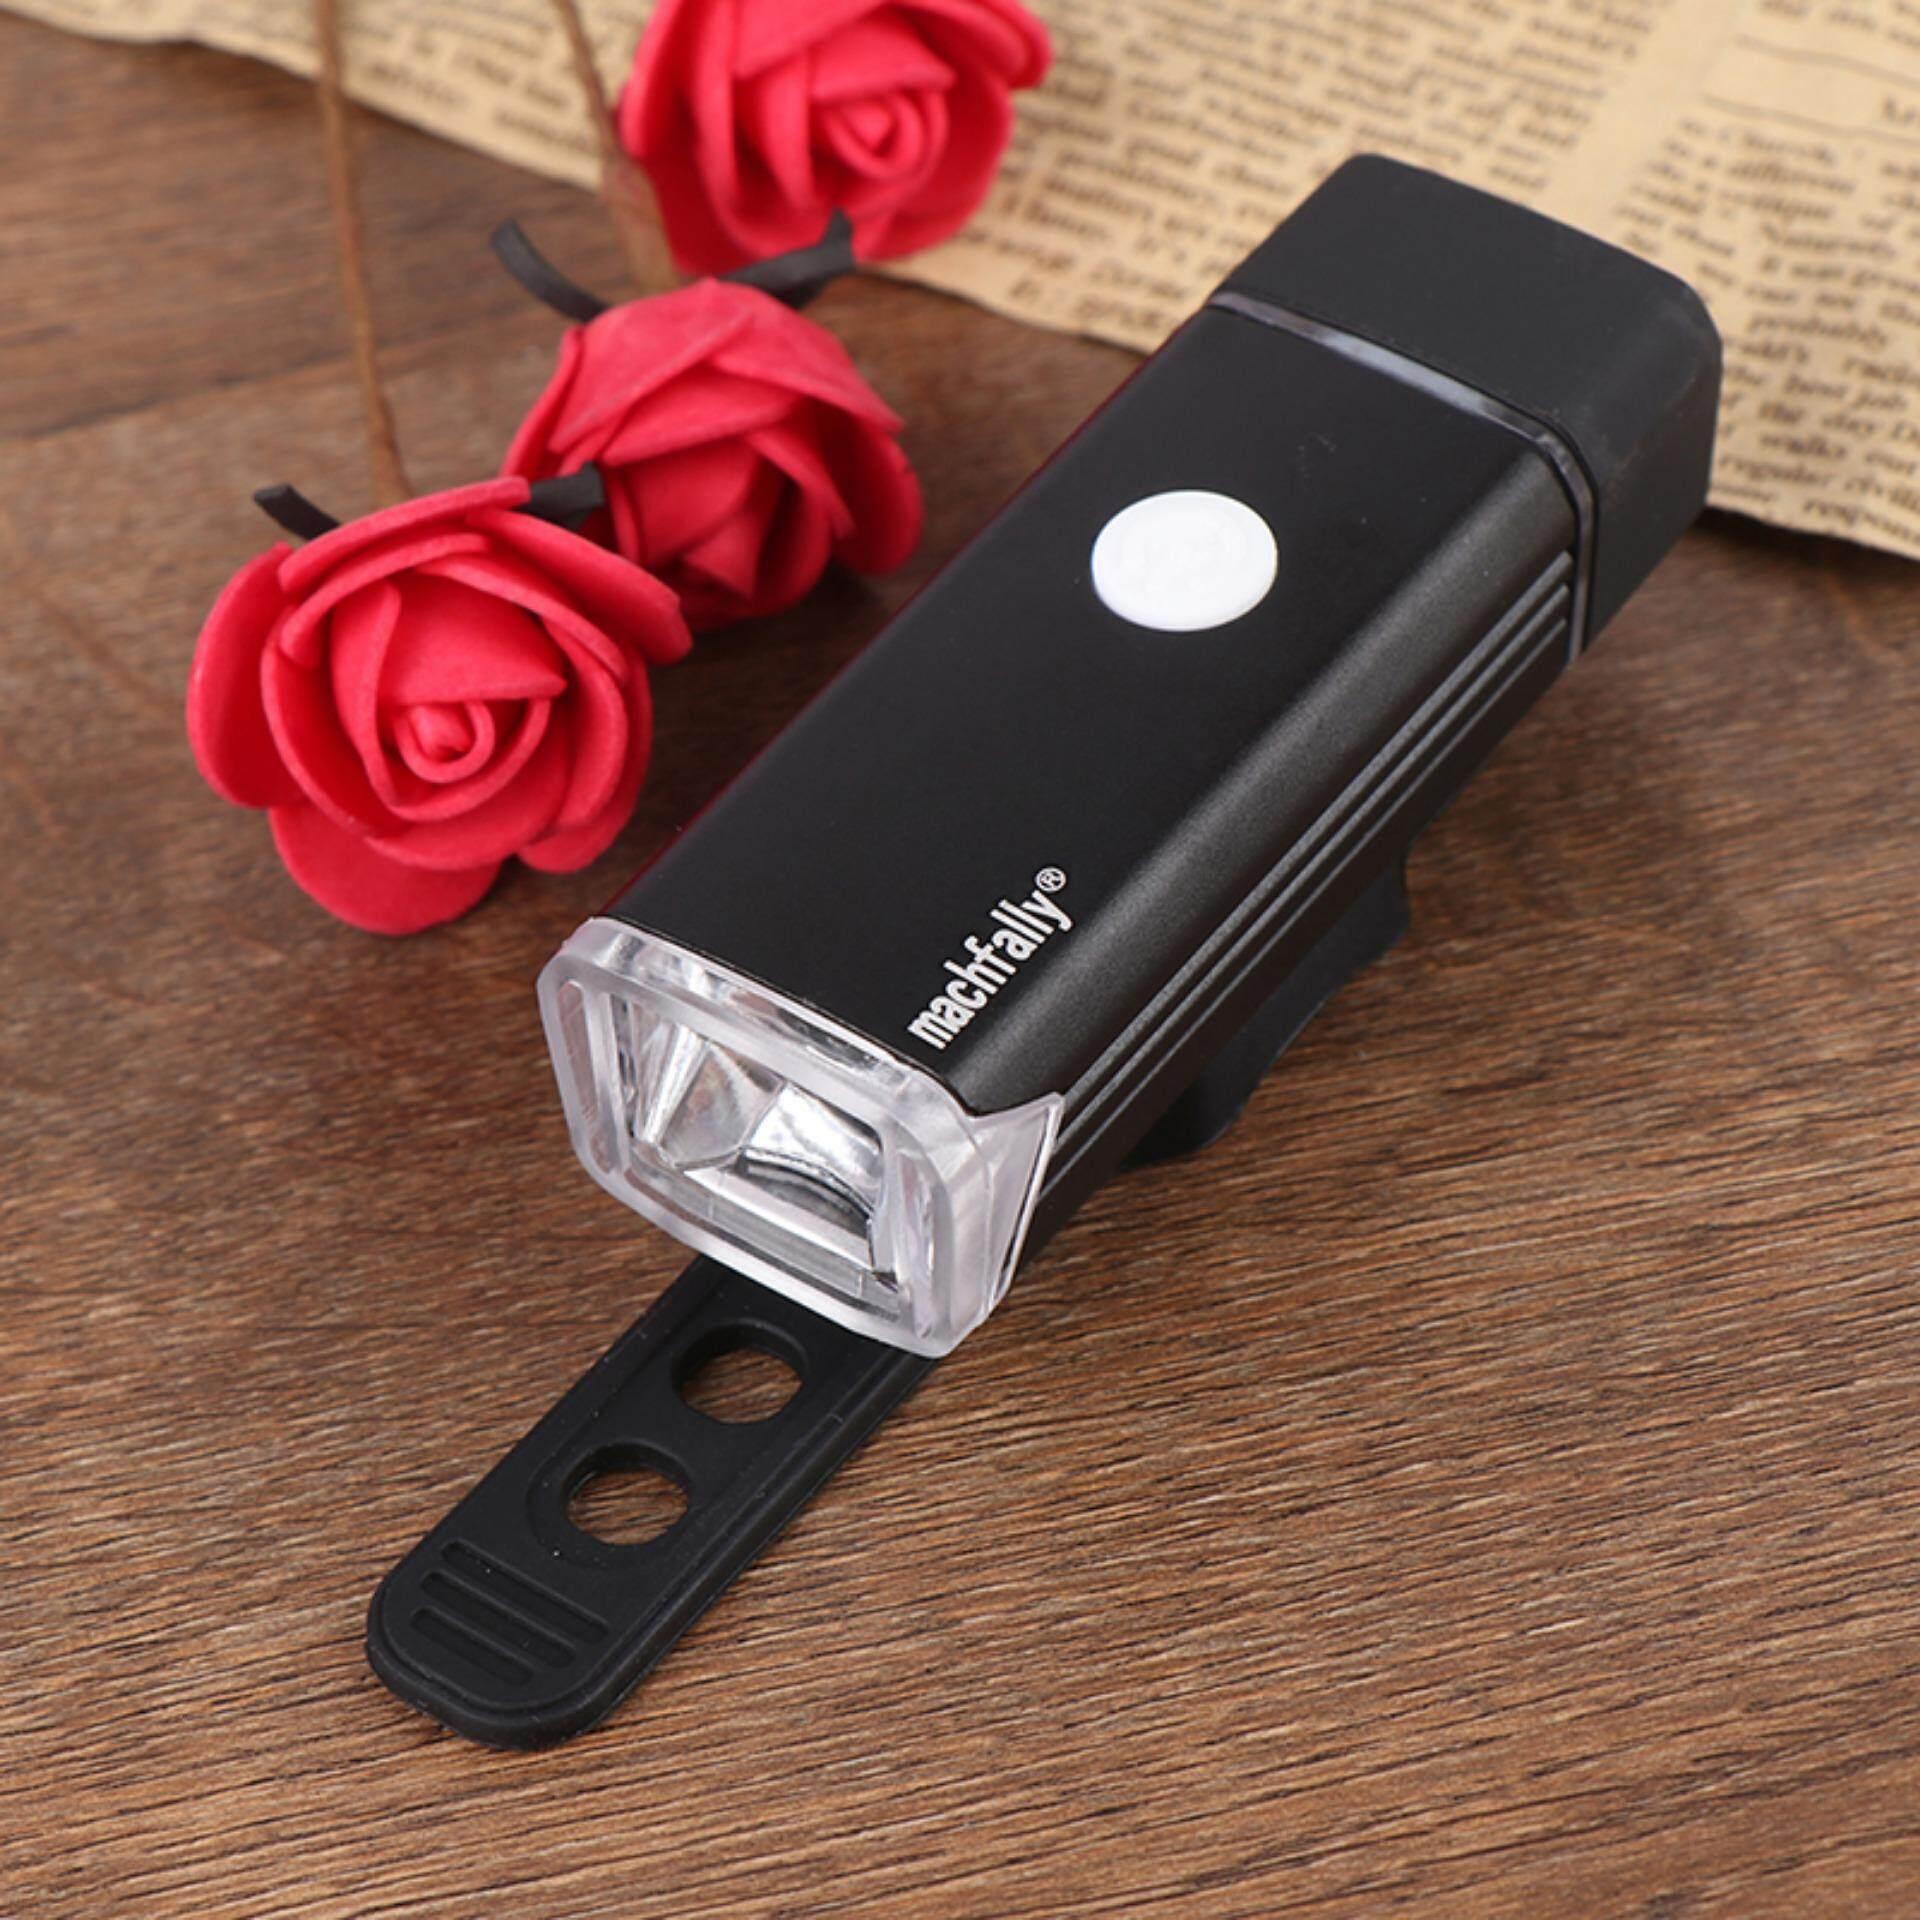 Jettingbuy Sepeda Lampu Depan Lampu Berpengisi USB Obor Tahan Air Lampu Sepeda